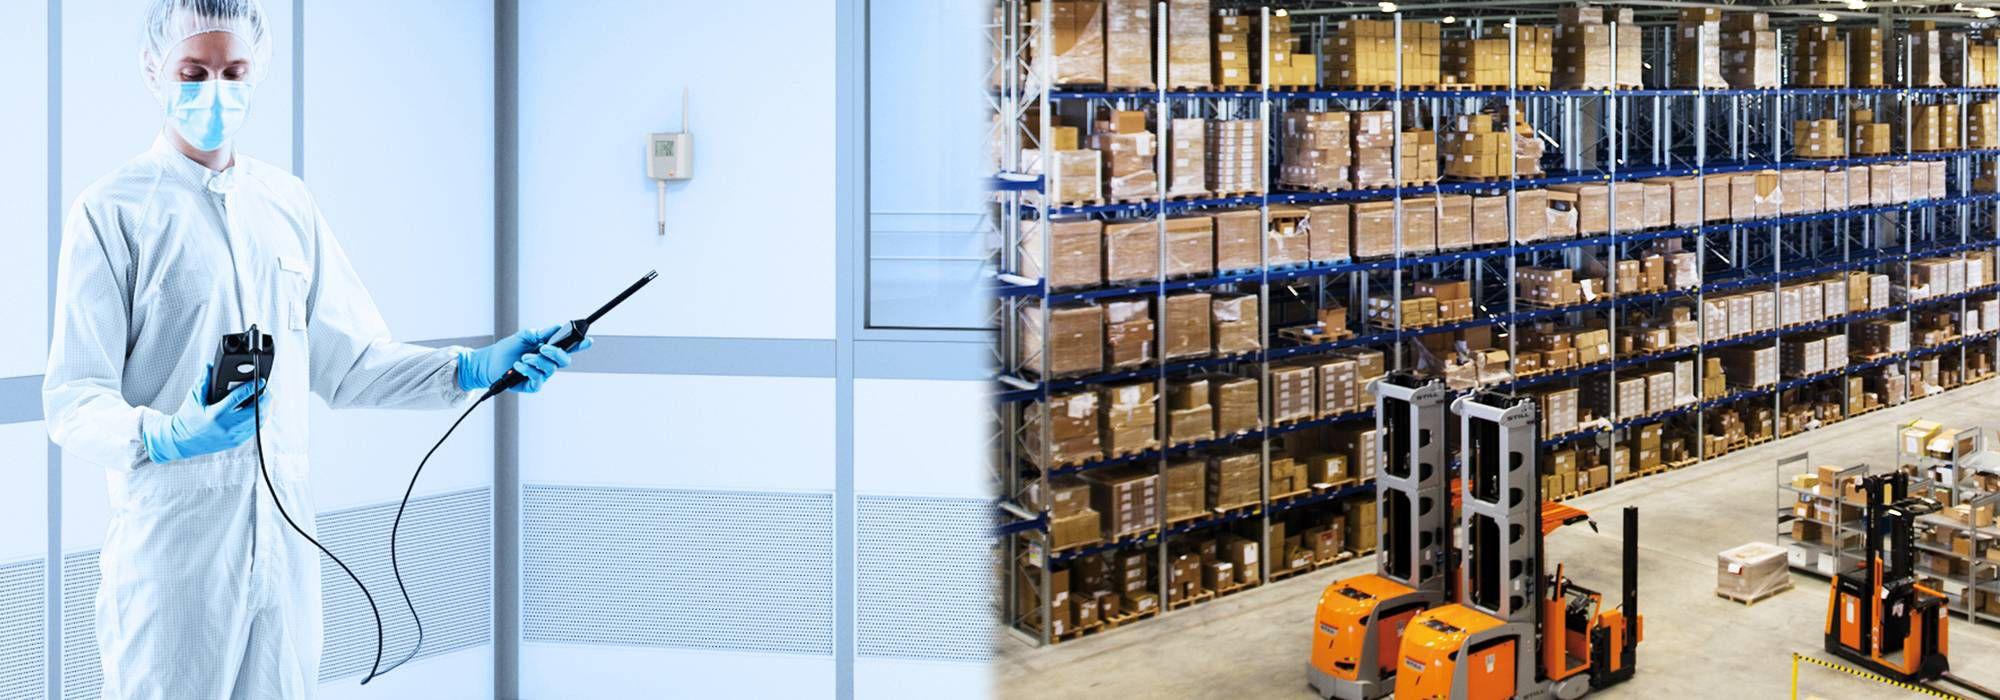 pharma-blog-six-deg-pt2-image-1-US.jpg